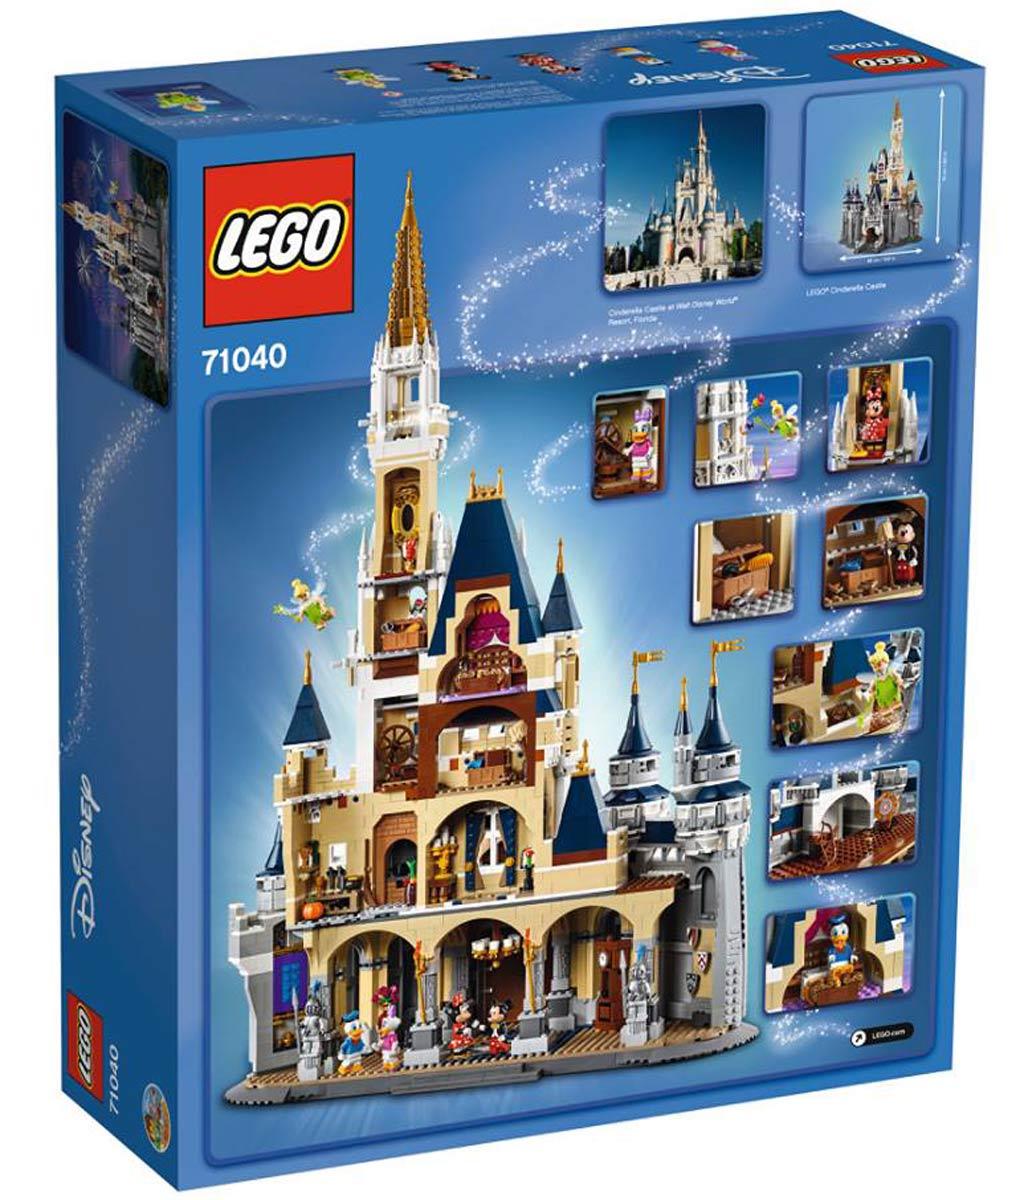 Detailbilder auf der Rückseite | © LEGO Group